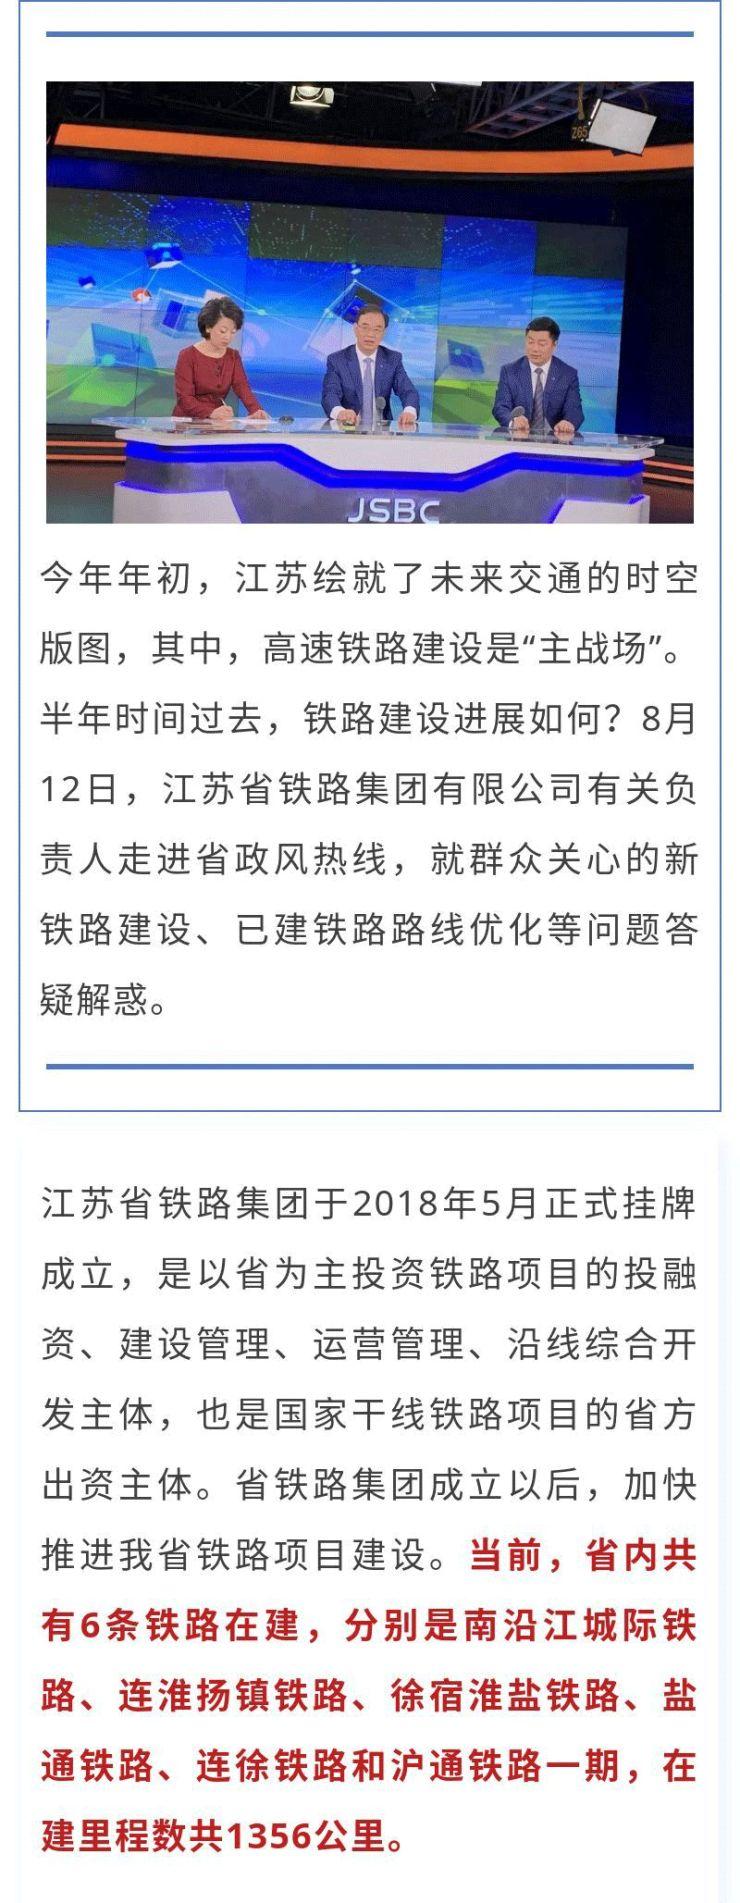 宁启铁路何时能从南京直达启东?还有更多关于南通铁路的消息